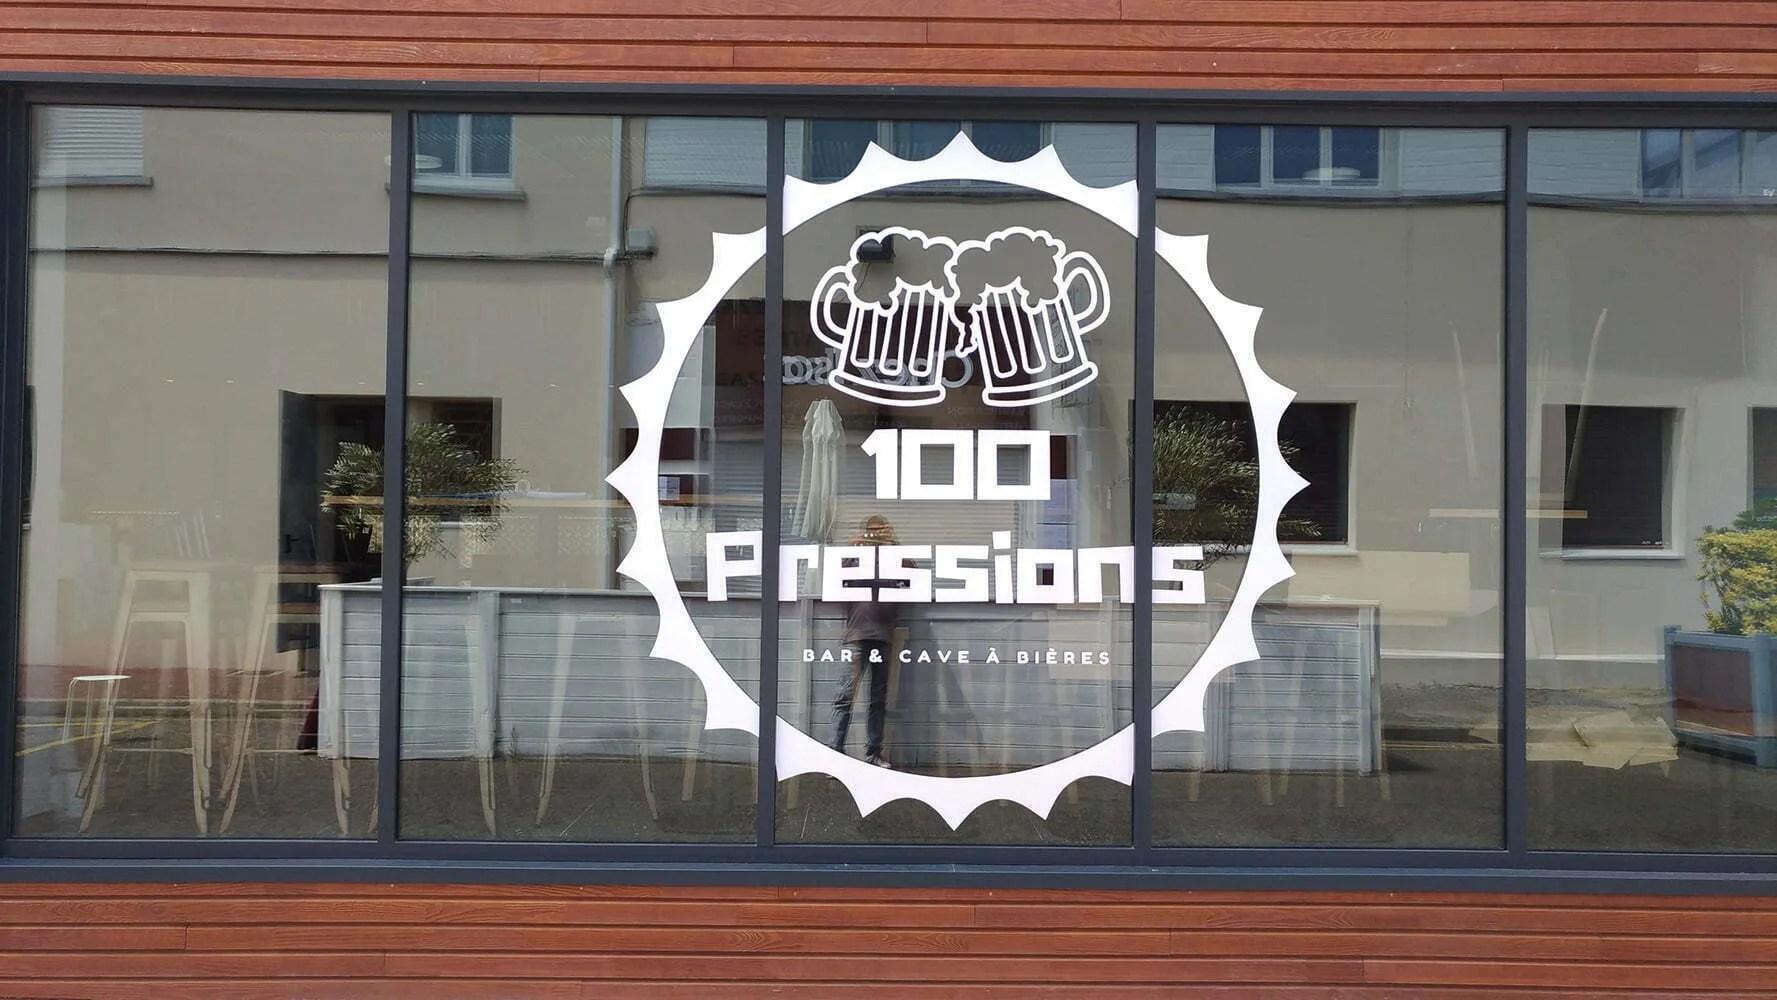 Logo 100 pression créé par Agence graphics